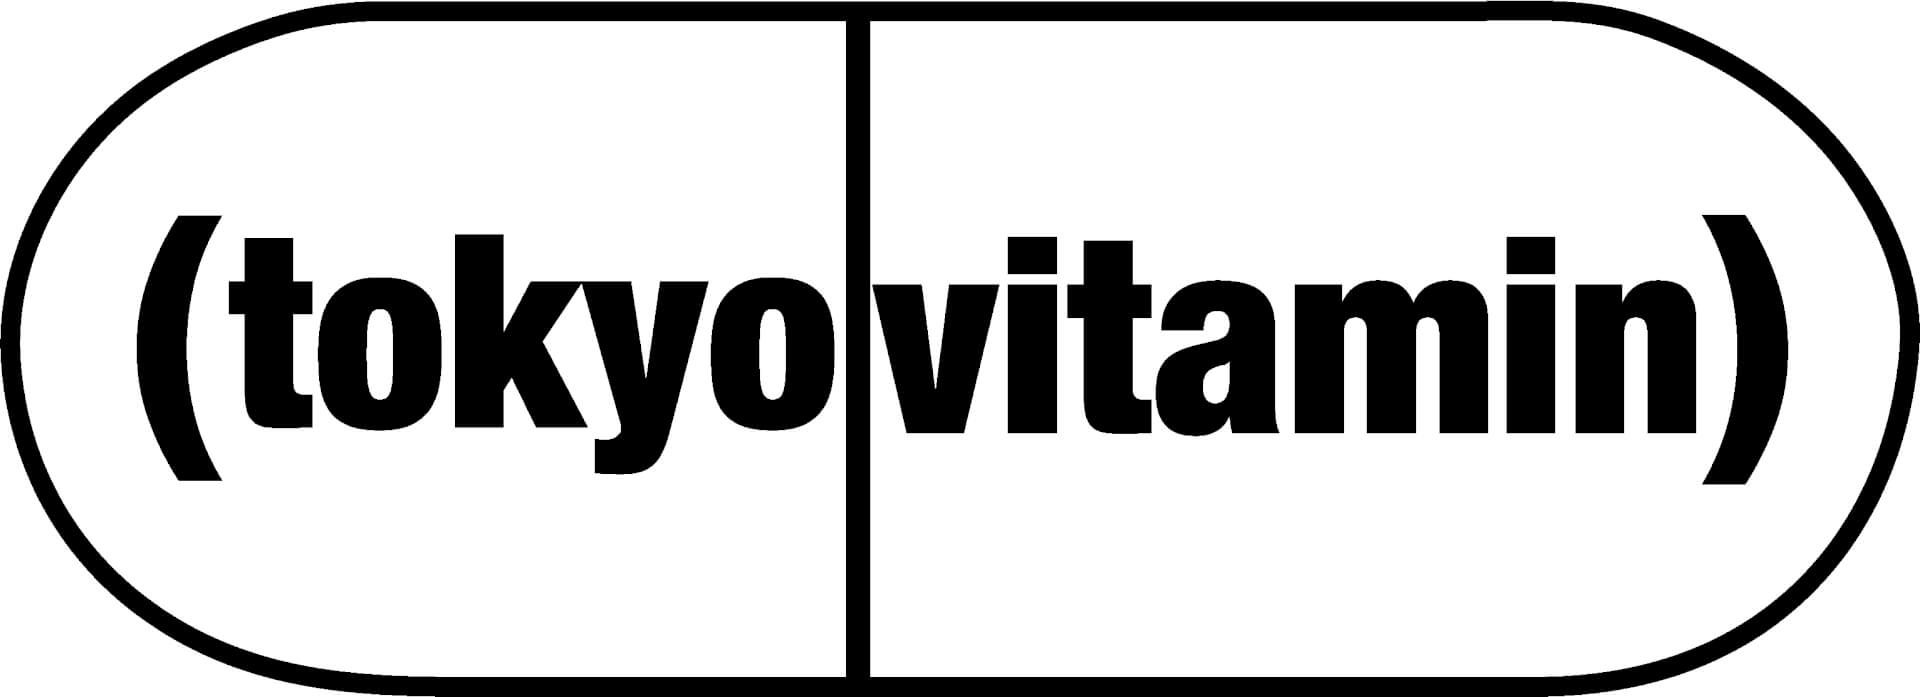 <クロストーキョー>Vol.7はtokyovitaminをフィーチャー!Vick Okada、VLOT、KENCHANの出演が決定 music210928_cross_tokyo_02-1